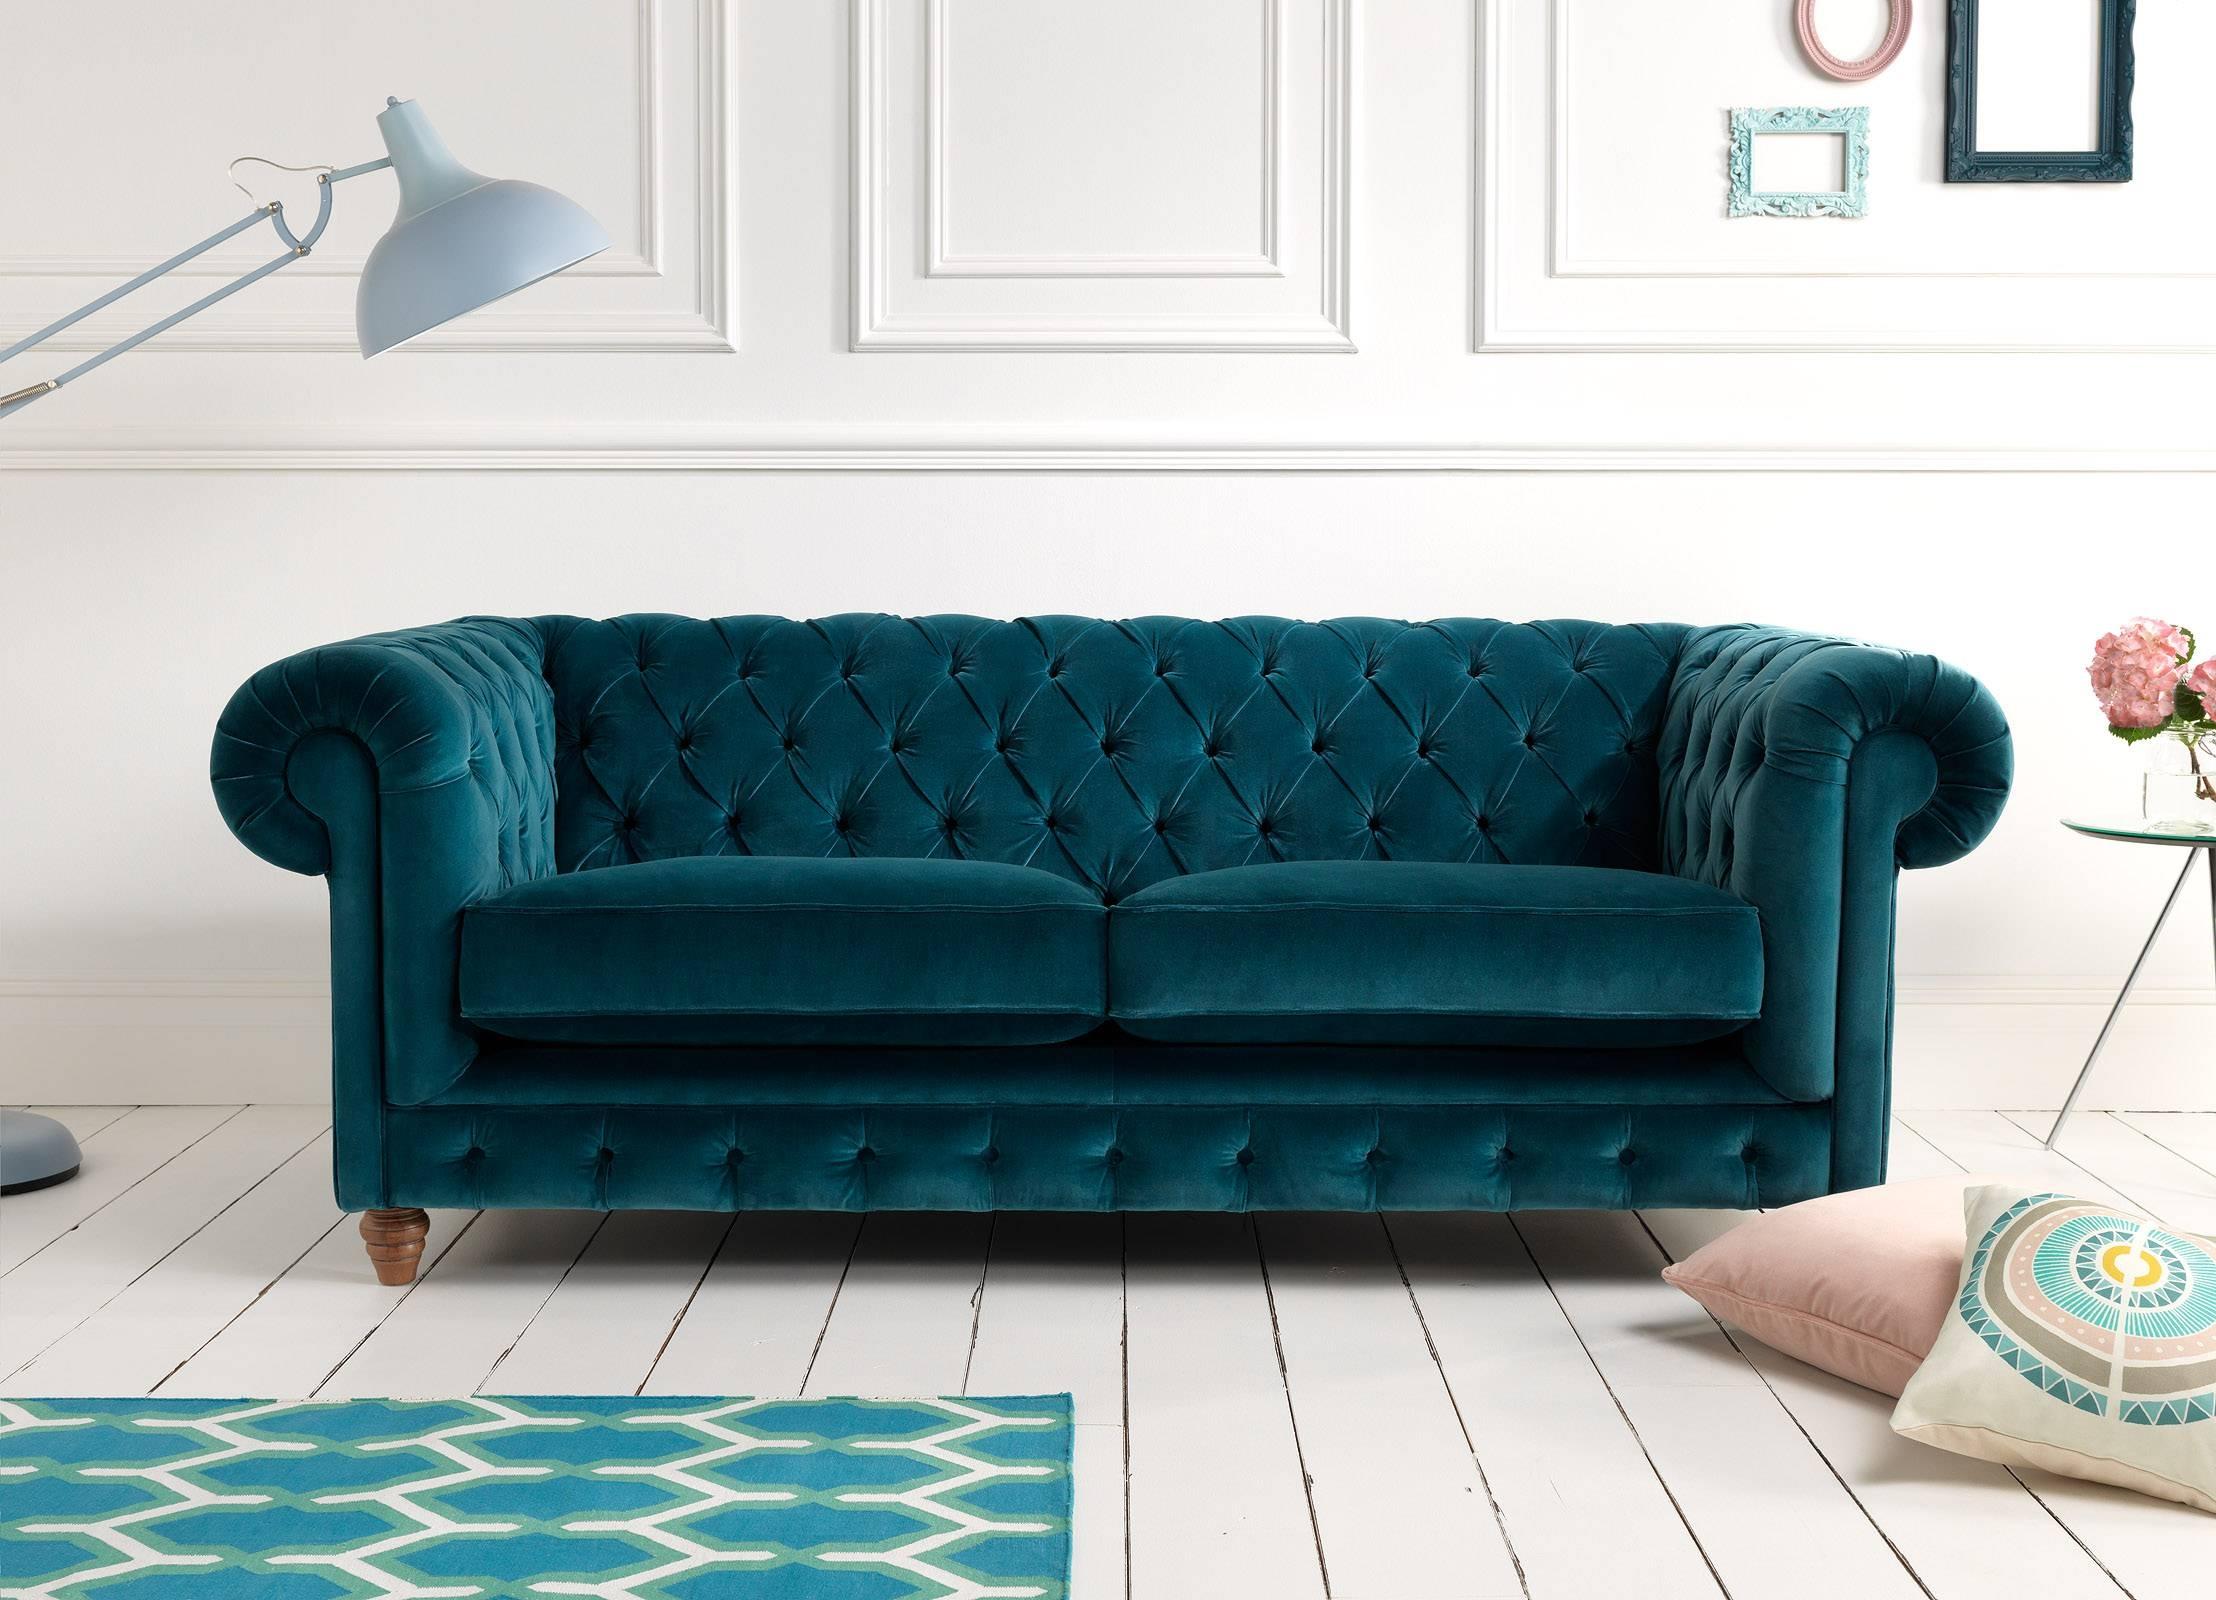 Extraordinary Velvet Sofablue Velvet Sofa Gray Velvet pertaining to Purple Chesterfield Sofas (Image 6 of 15)